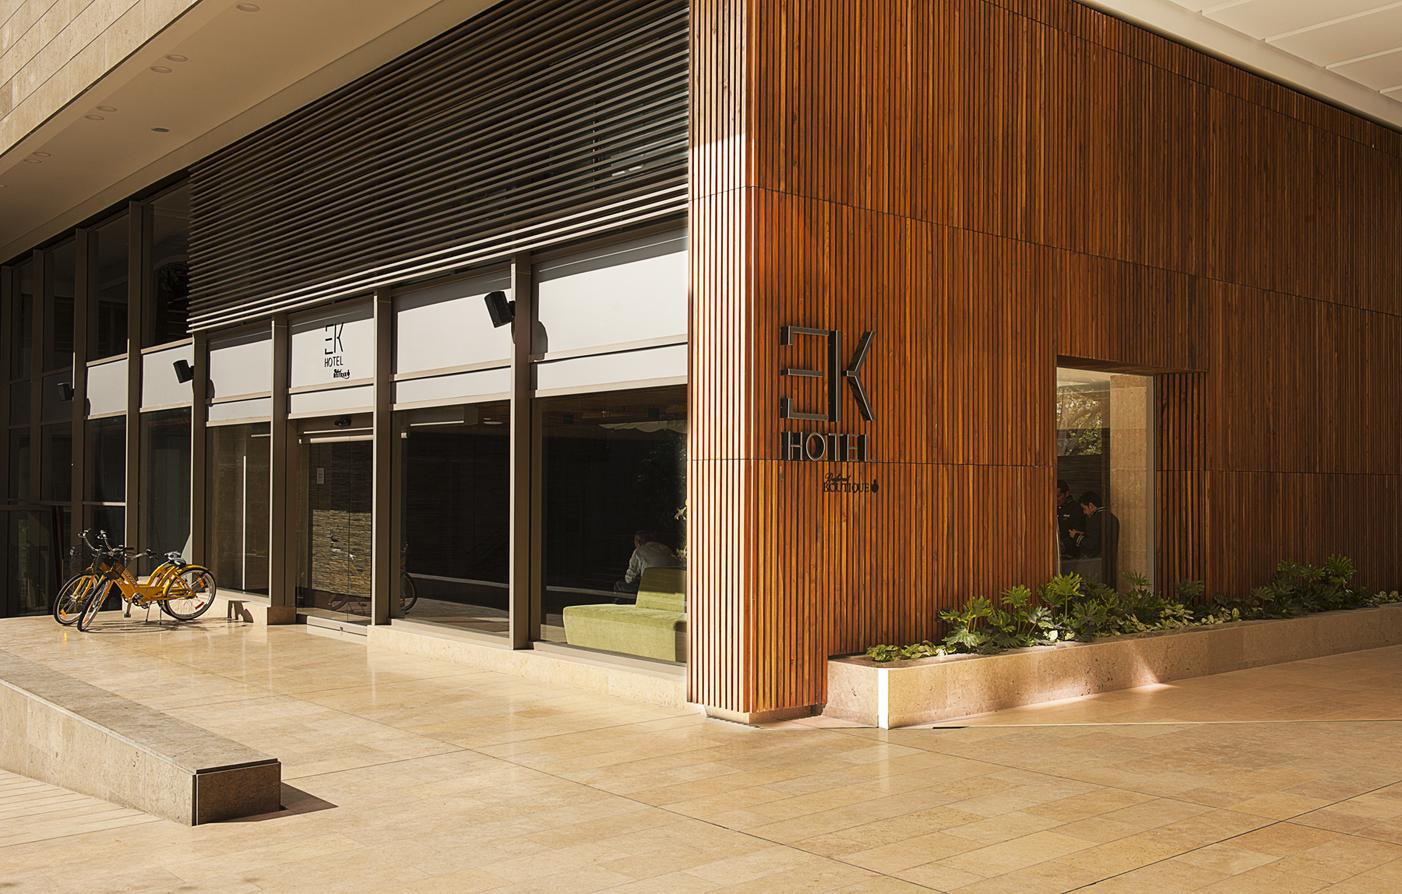 Bogota hotels ek hotel luxury bogota hotels for Hotel luxury 100 bogota